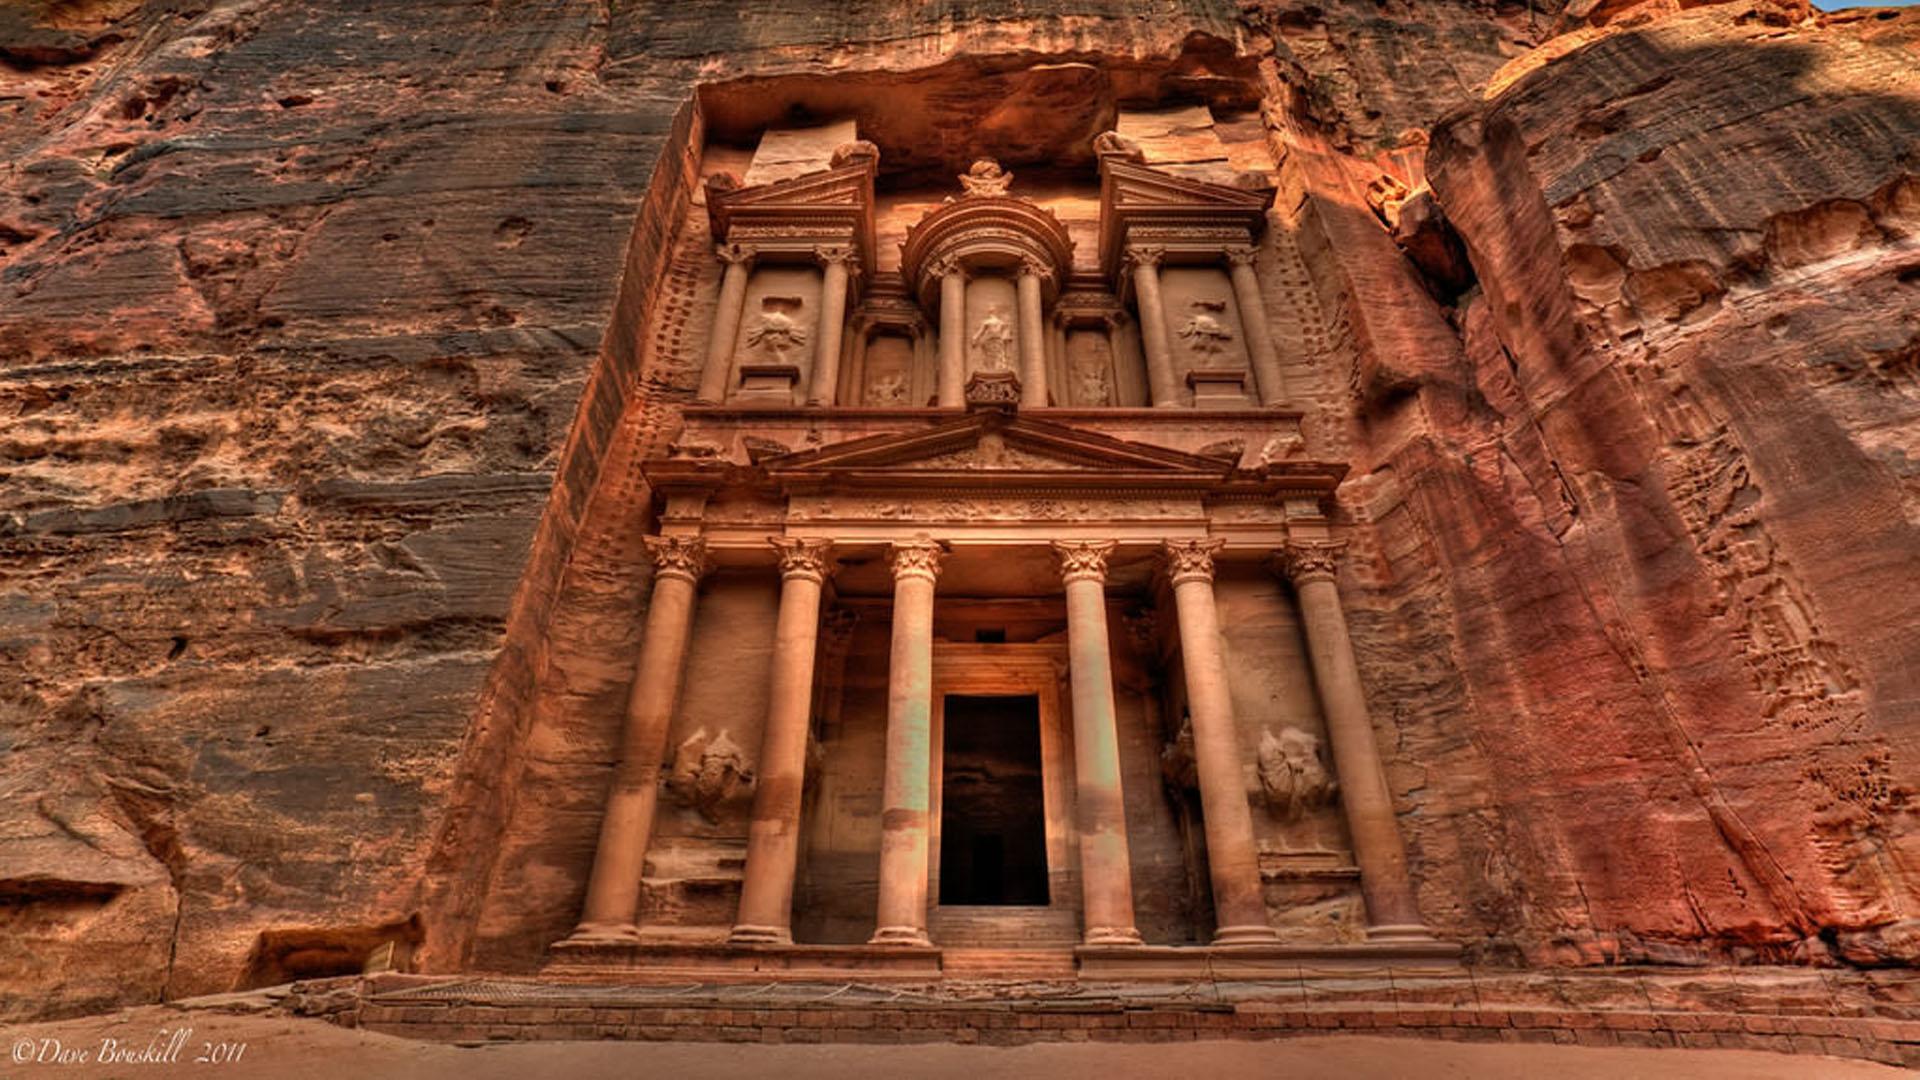 petra-jordan-travel